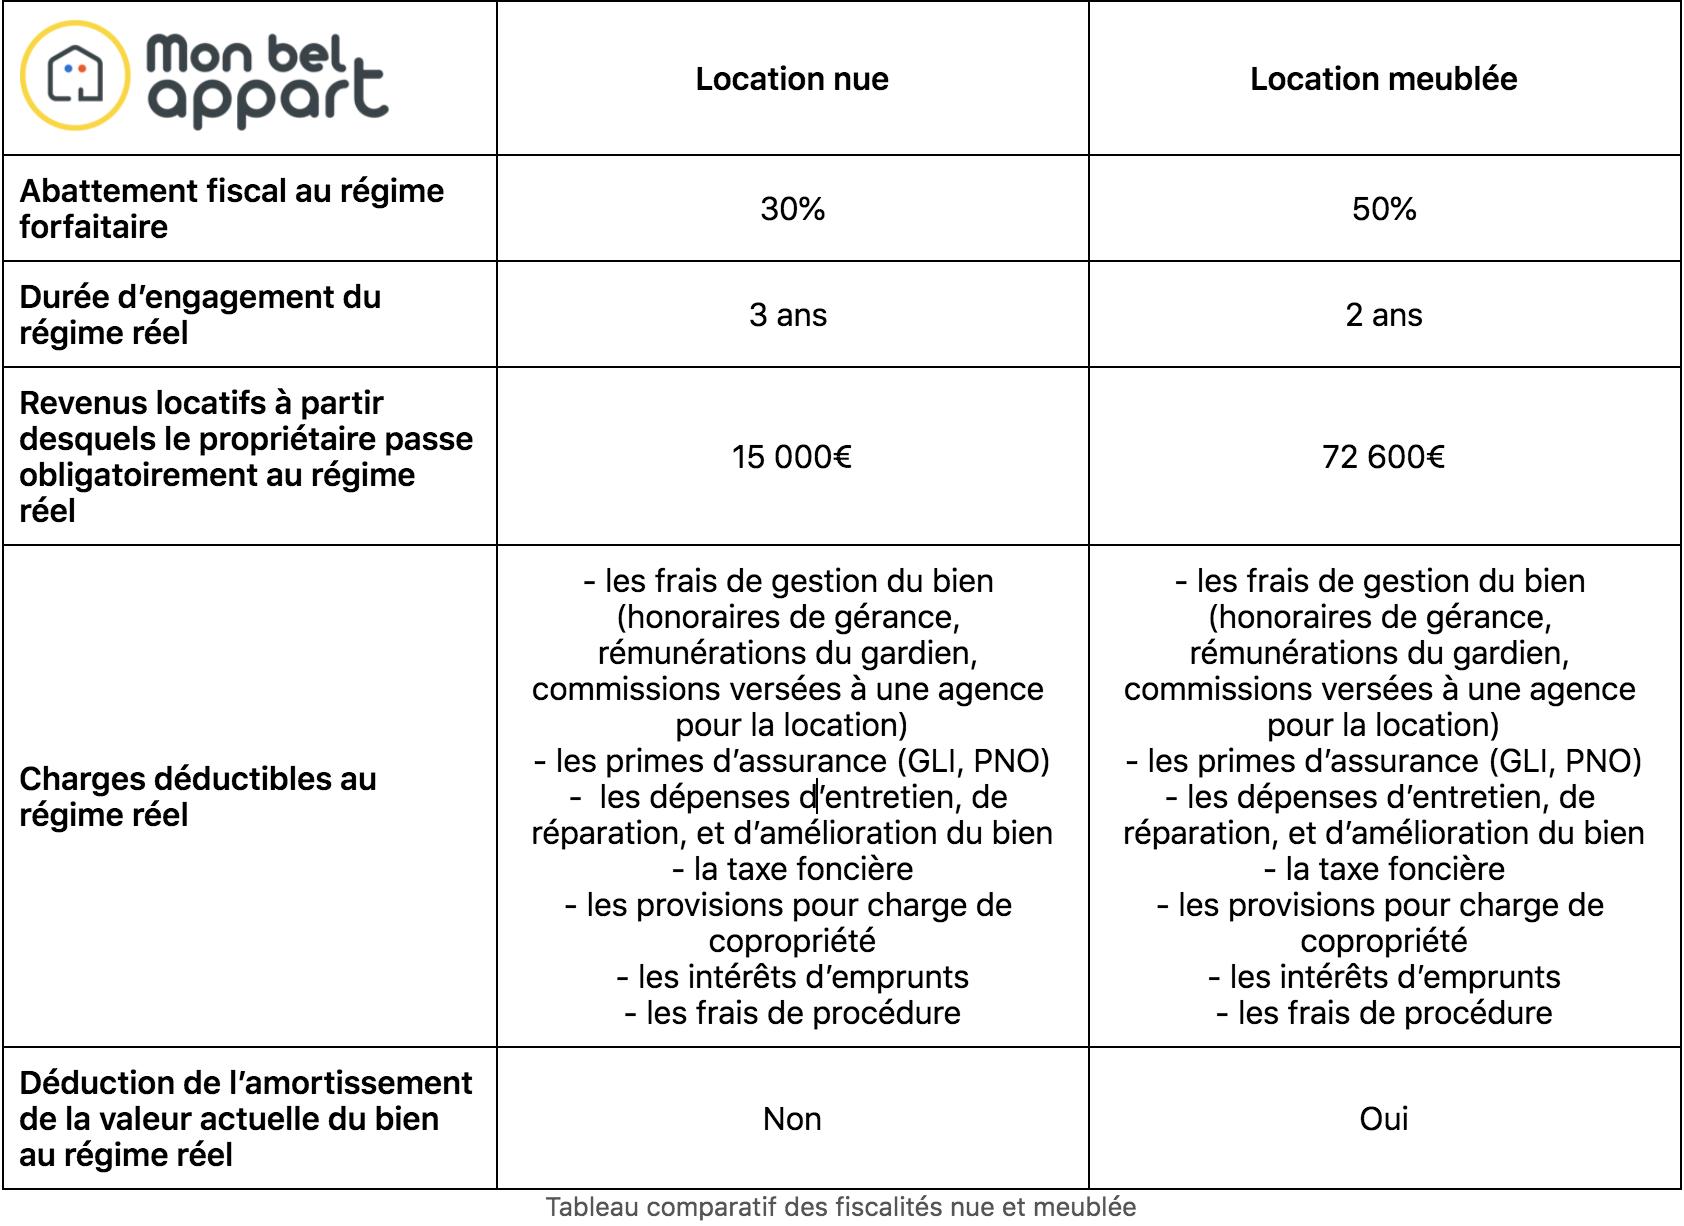 Tableau comparatif des fiscalités nue et meublé.png